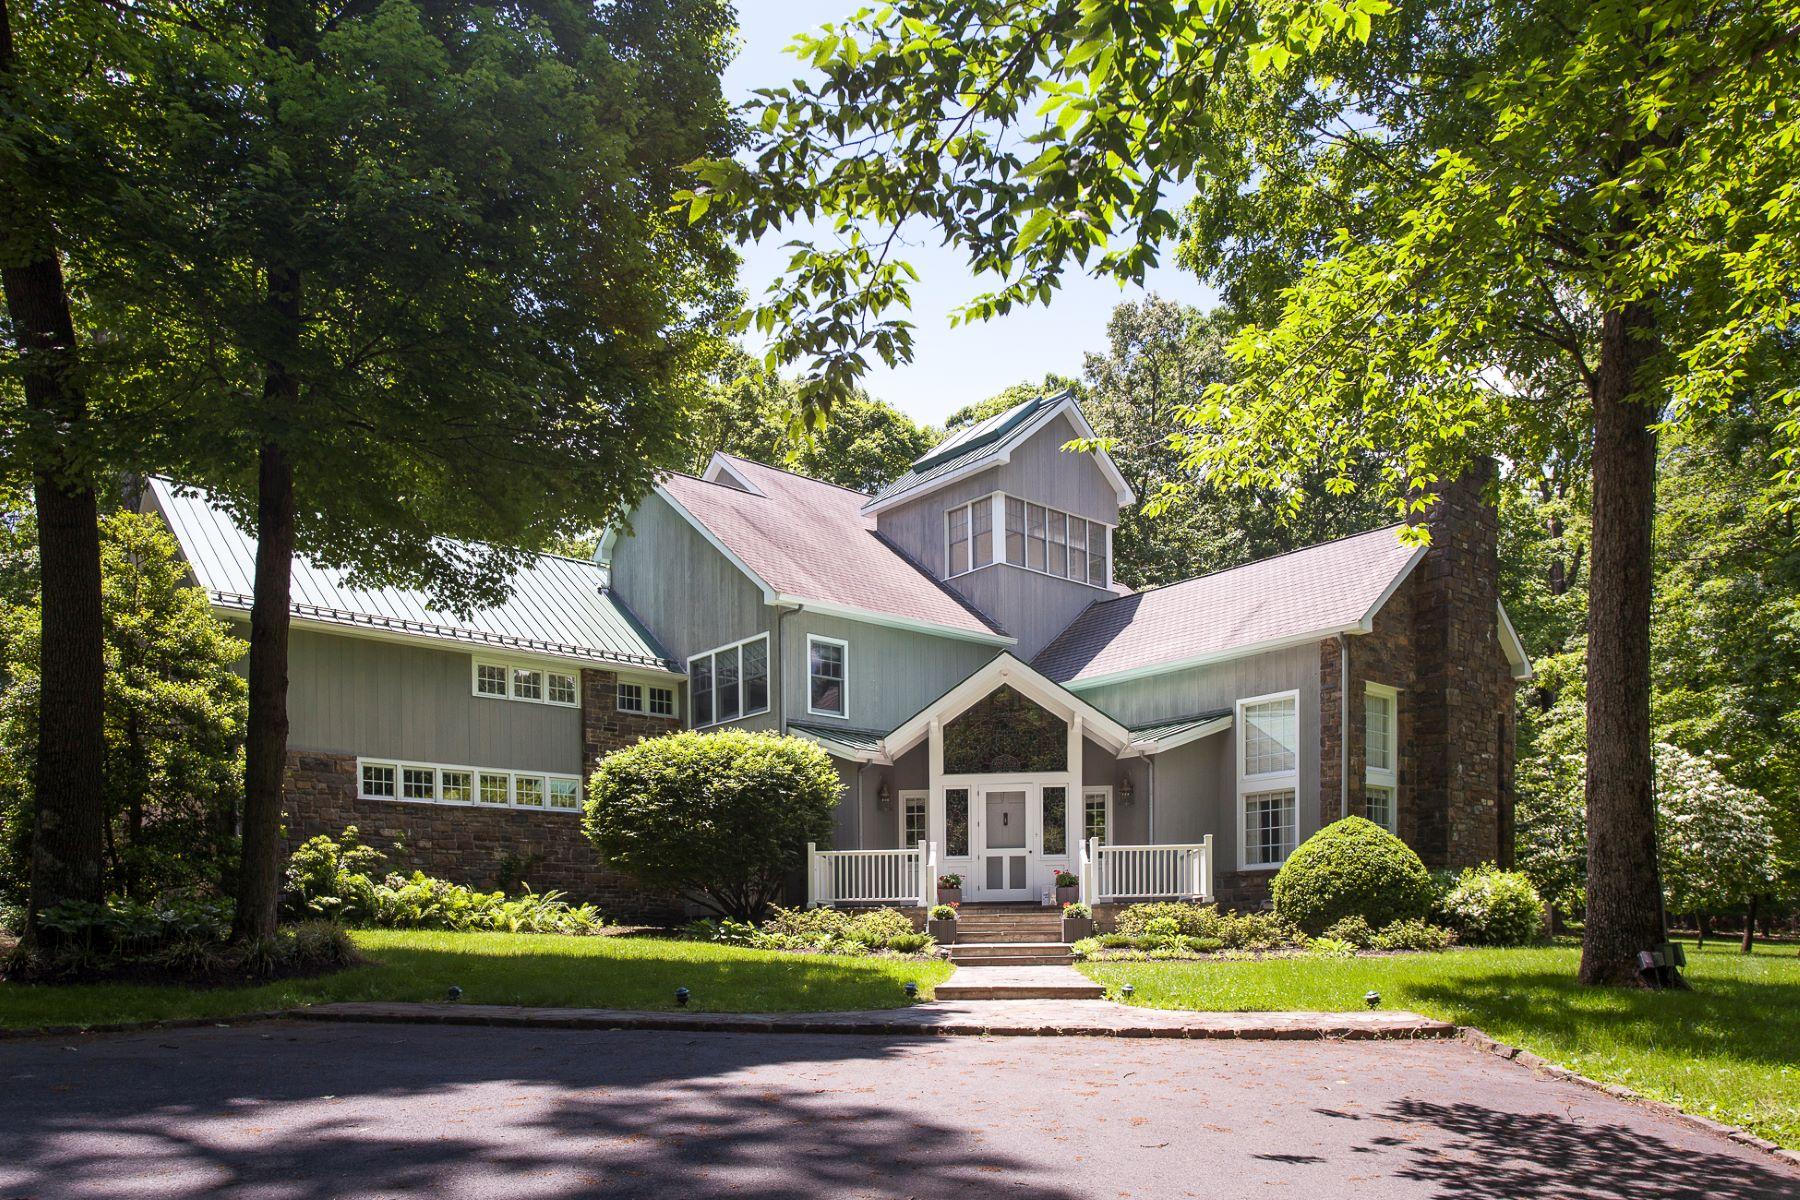 Частный односемейный дом для того Продажа на A Scenic Hillside Retreat Designed by Jim Hamilton 120 Province Line Road, Skillman, Нью-Джерси 08558 Соединенные ШтатыВ/Около: Hopewell Township